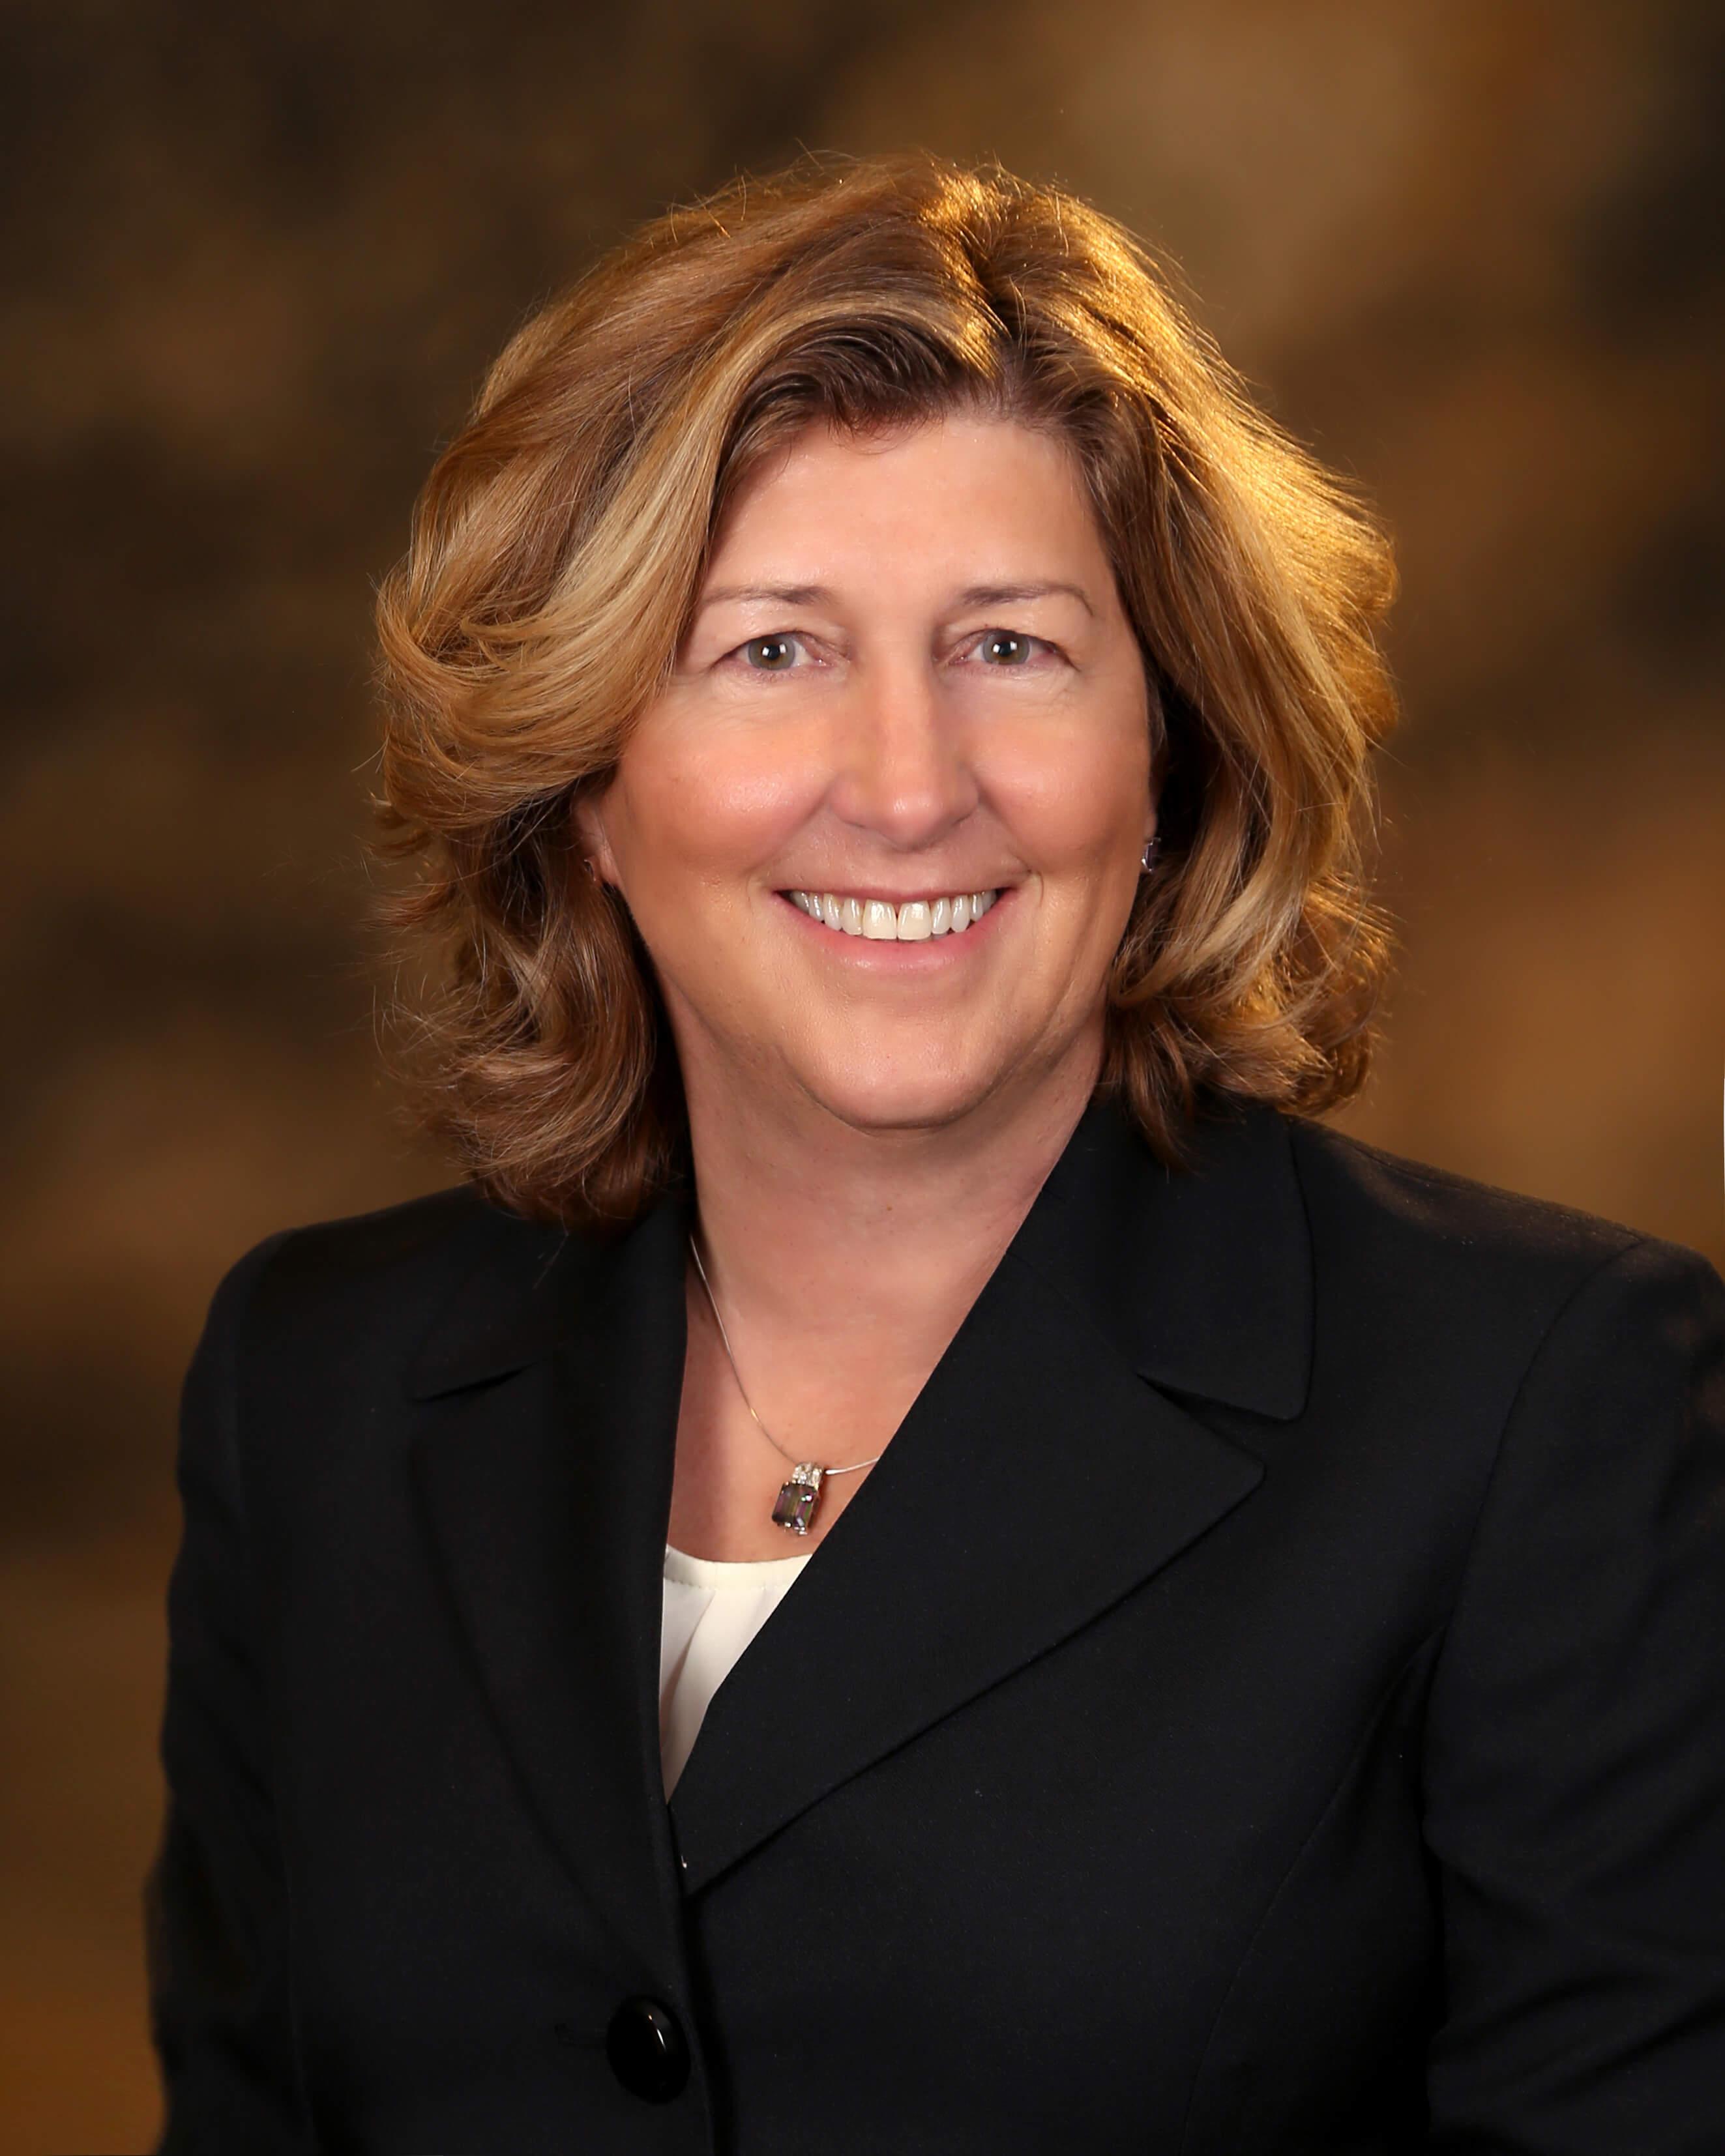 Kathy M. Denson